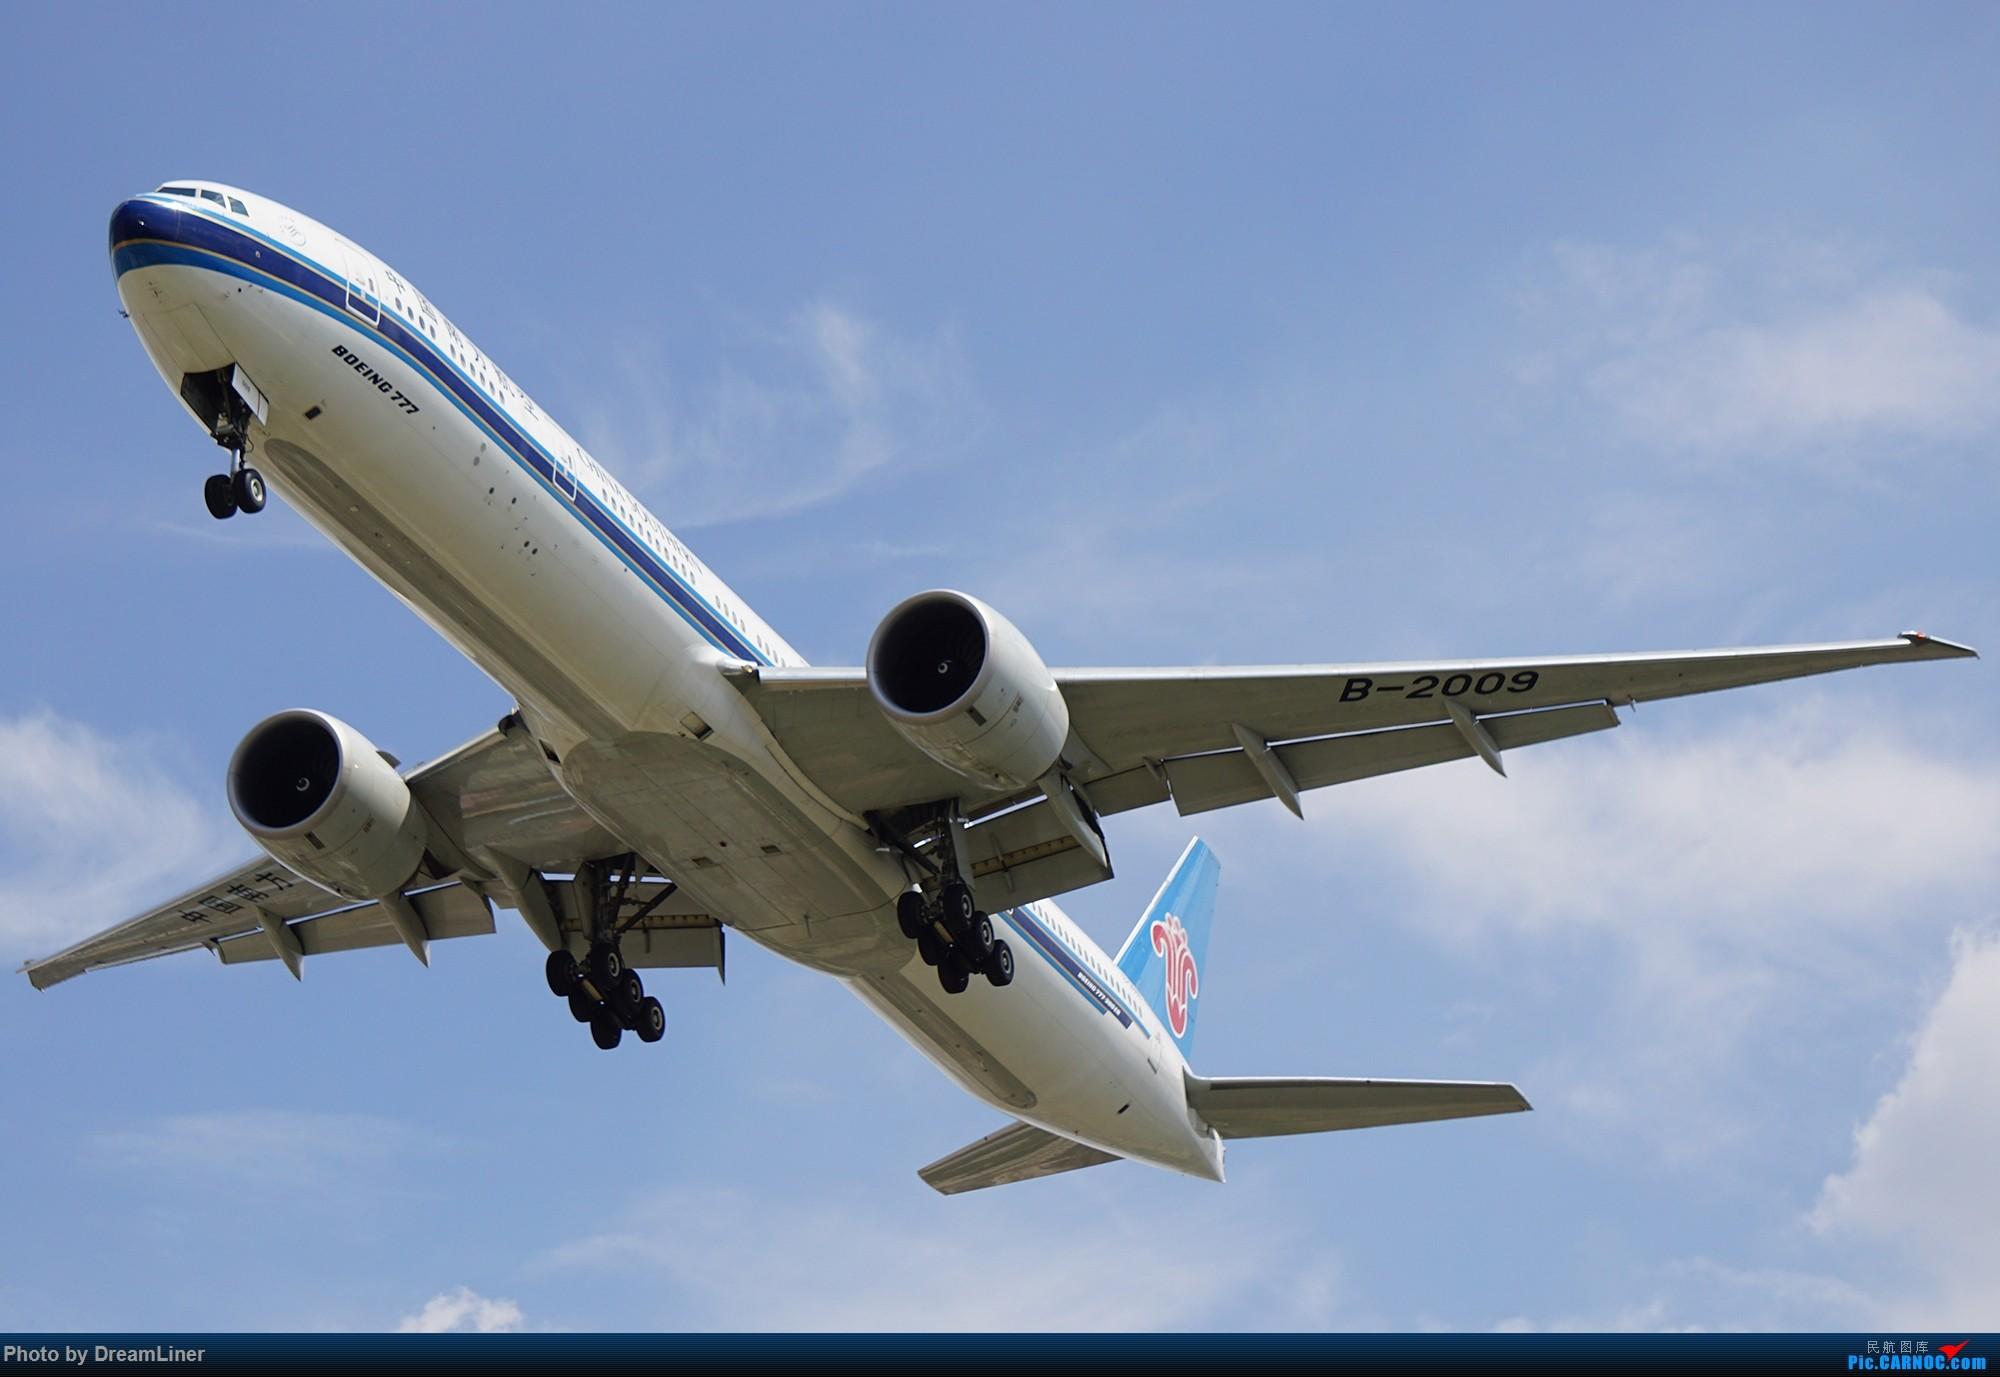 Re:[原创]17年暑假和今年寒假的ZGGG拍机成果 BOEING 777-300ER B-2009 中国广州白云国际机场